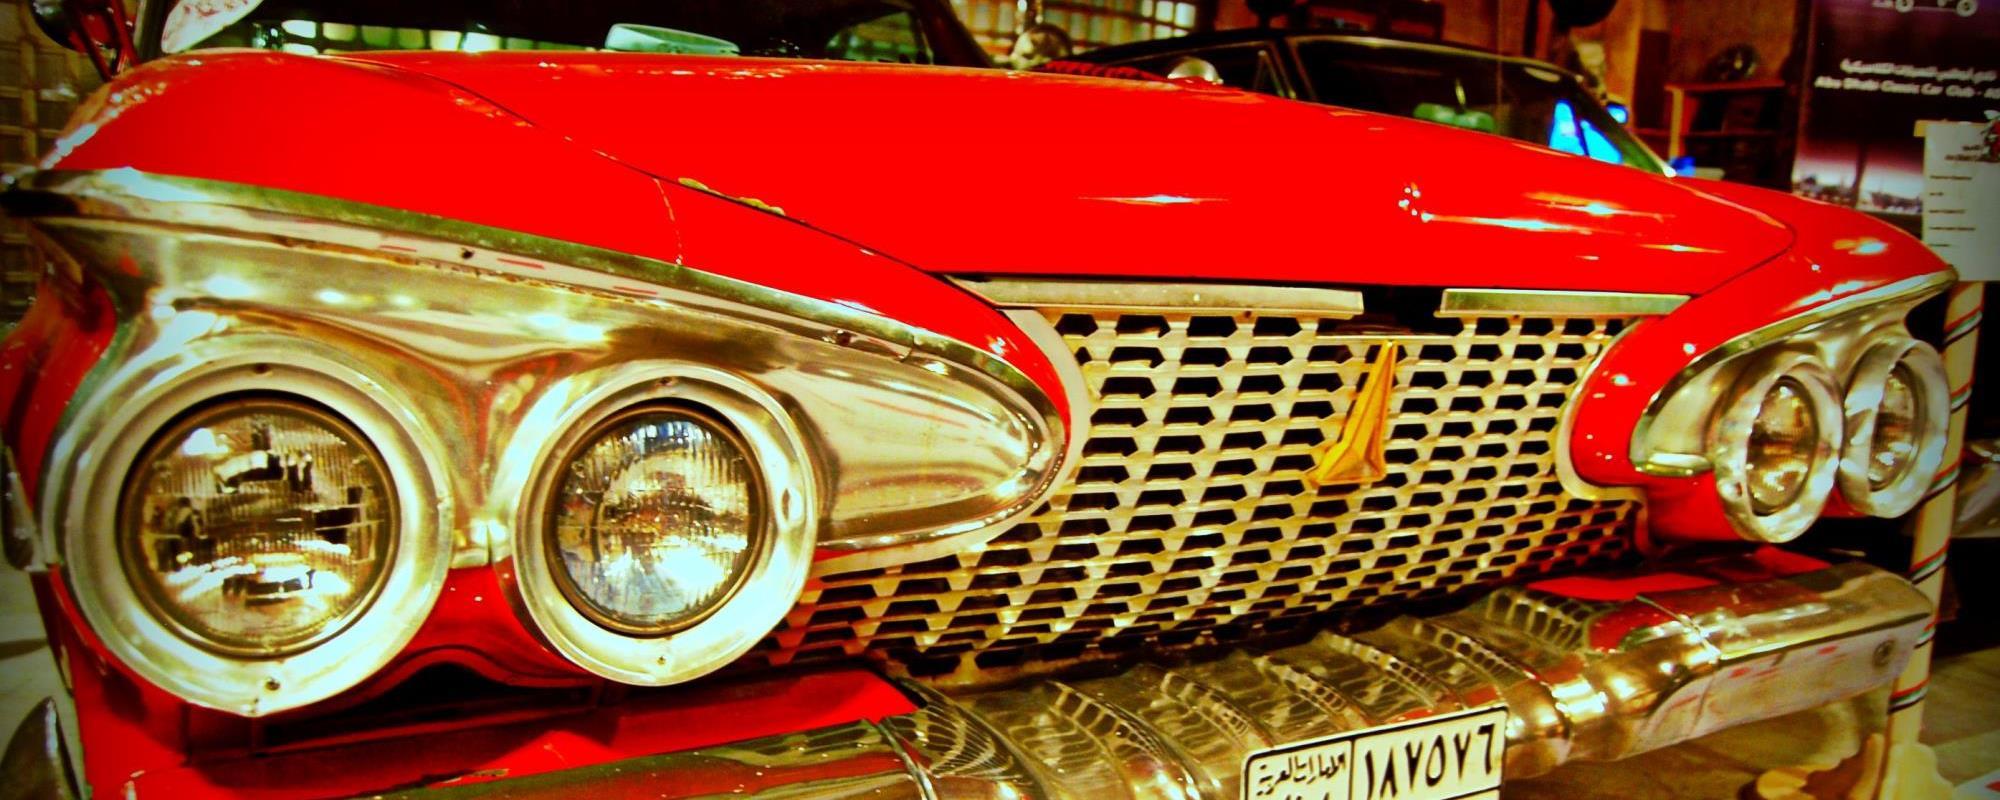 Classic Cars Museum In Al Ain VisitAbuDhabiae - Classic car museum